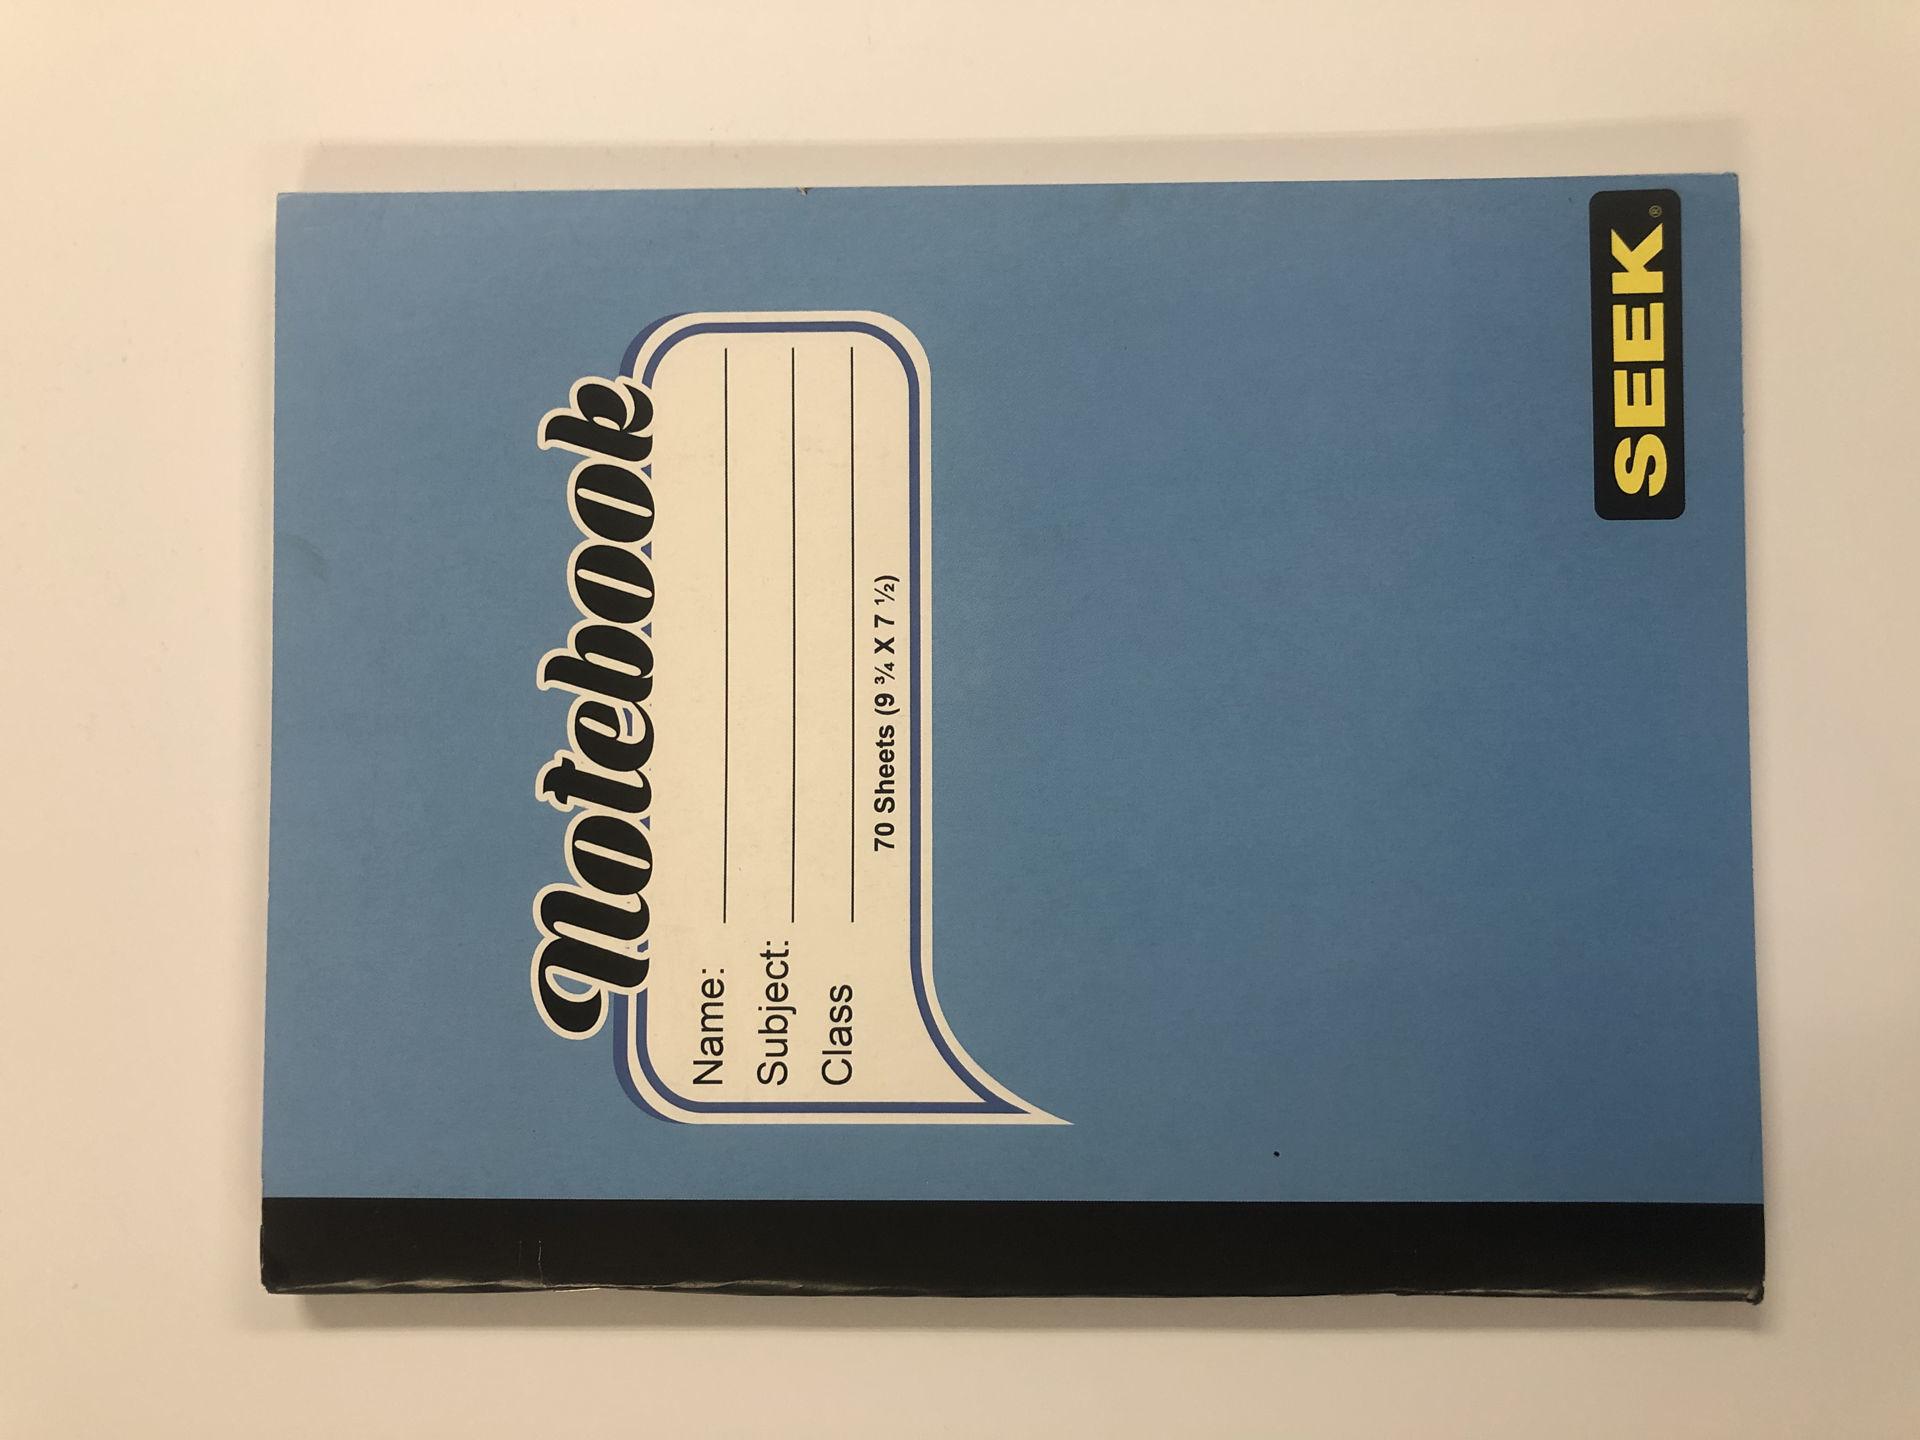 70 Sheets (9-3/4 x 7-1/2) Notebook (non-taxable)